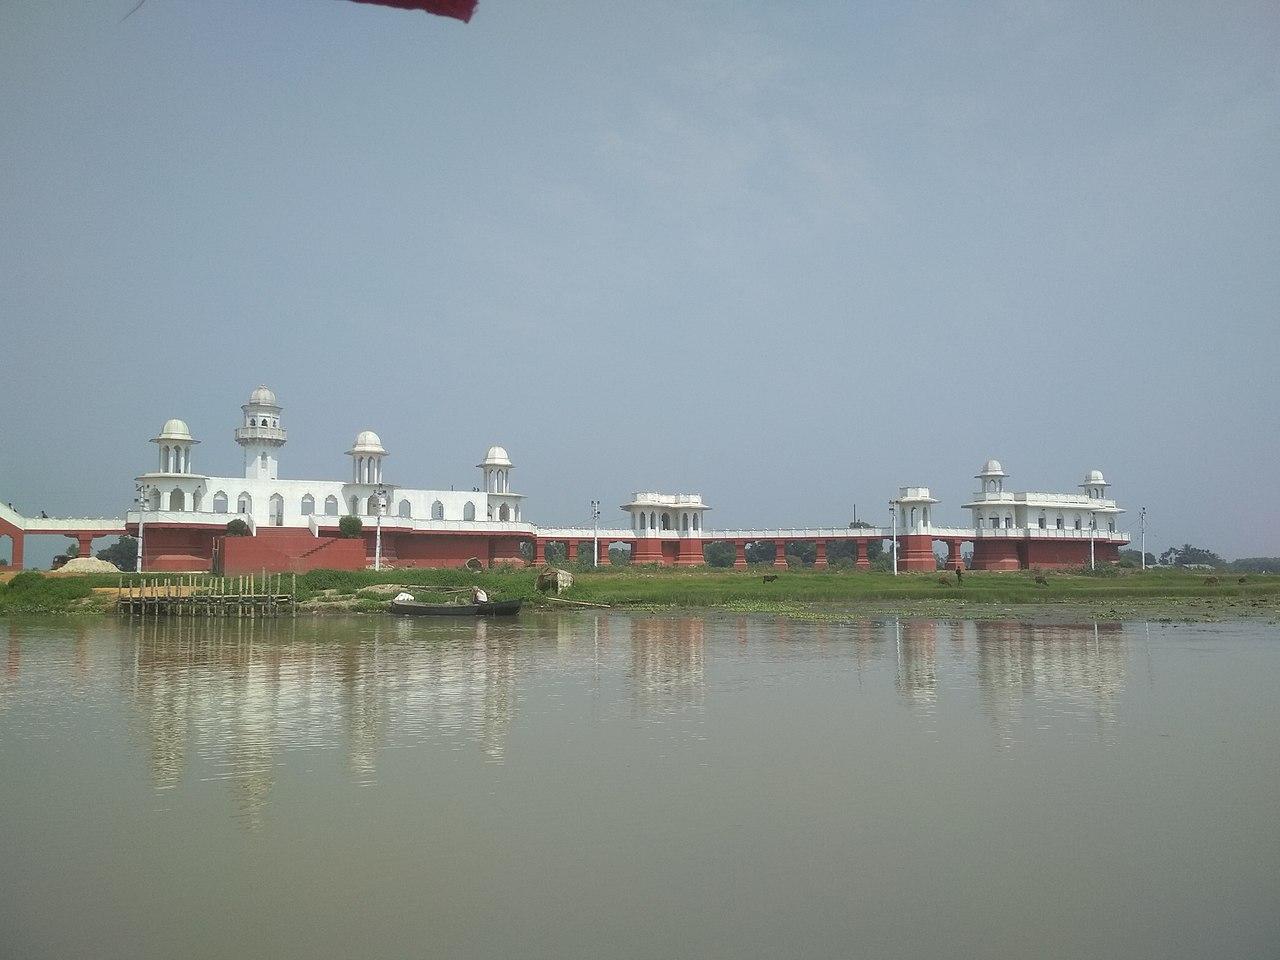 Top Attraction Place In Tripura- Neermahal, Melaghar